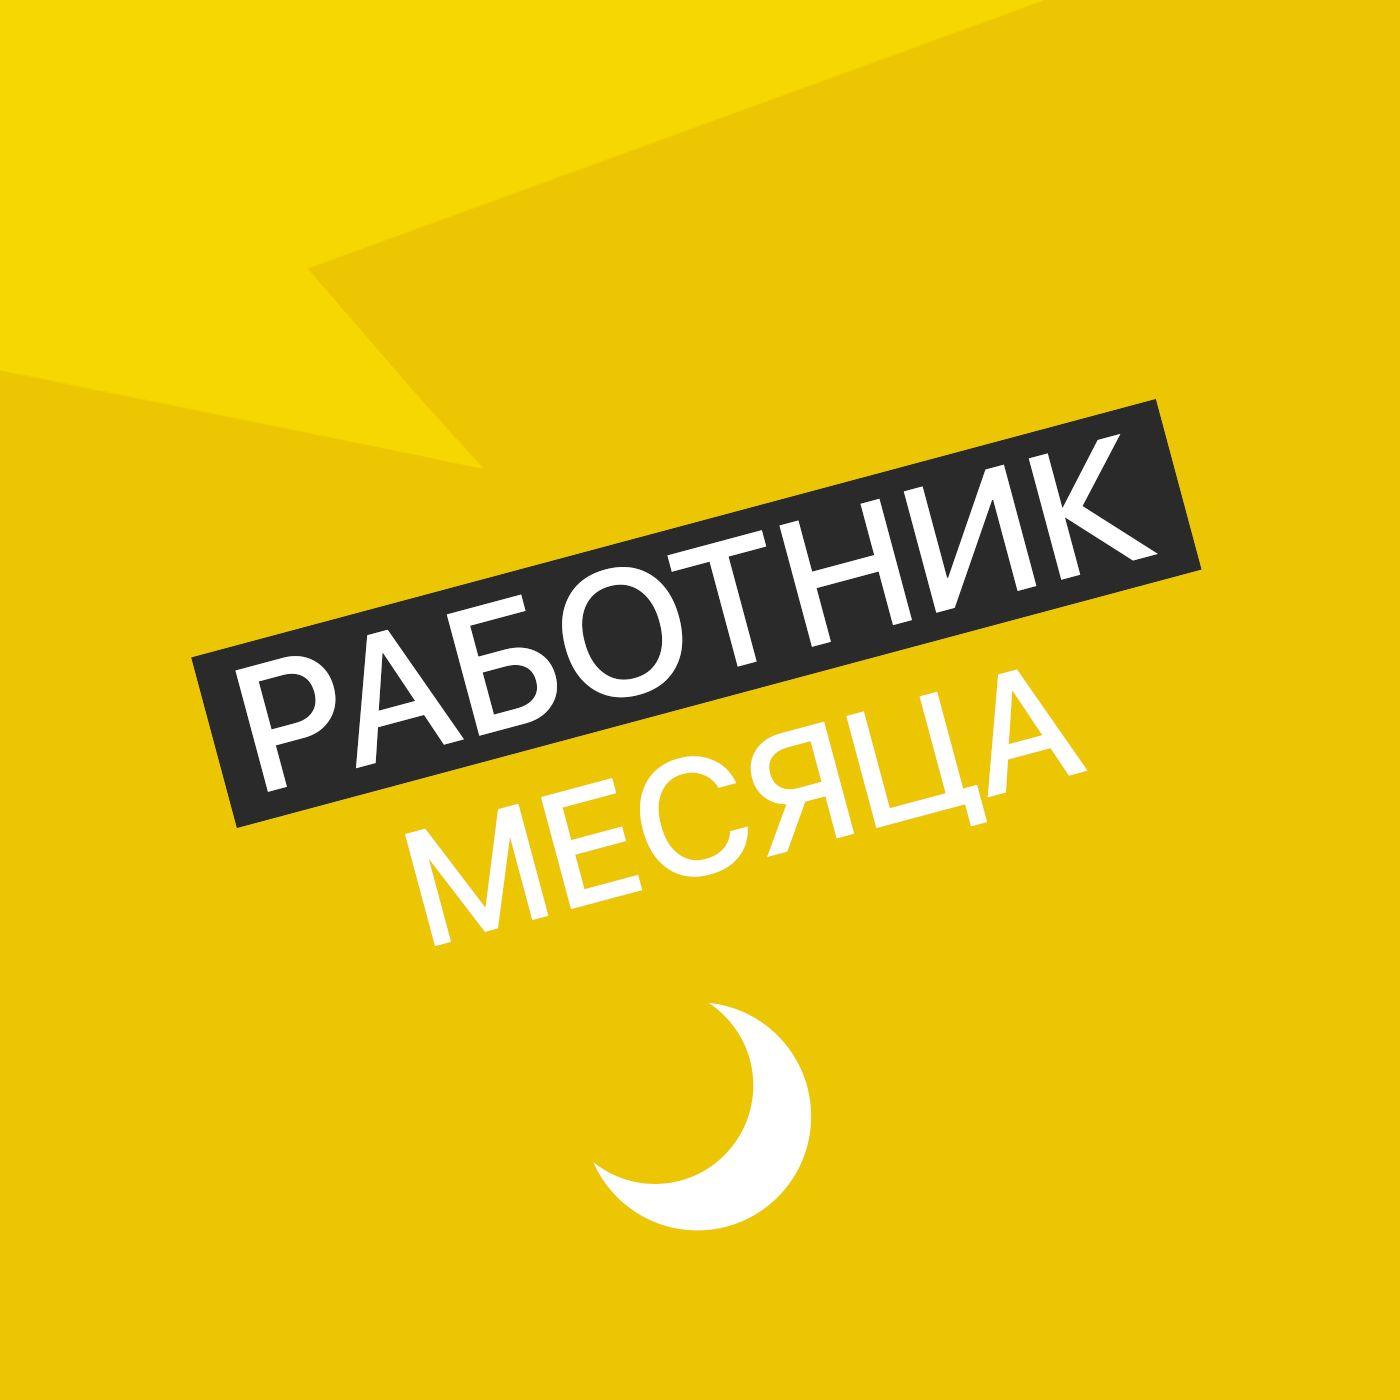 Телеведущий_Творческий коллектив Mojomedia